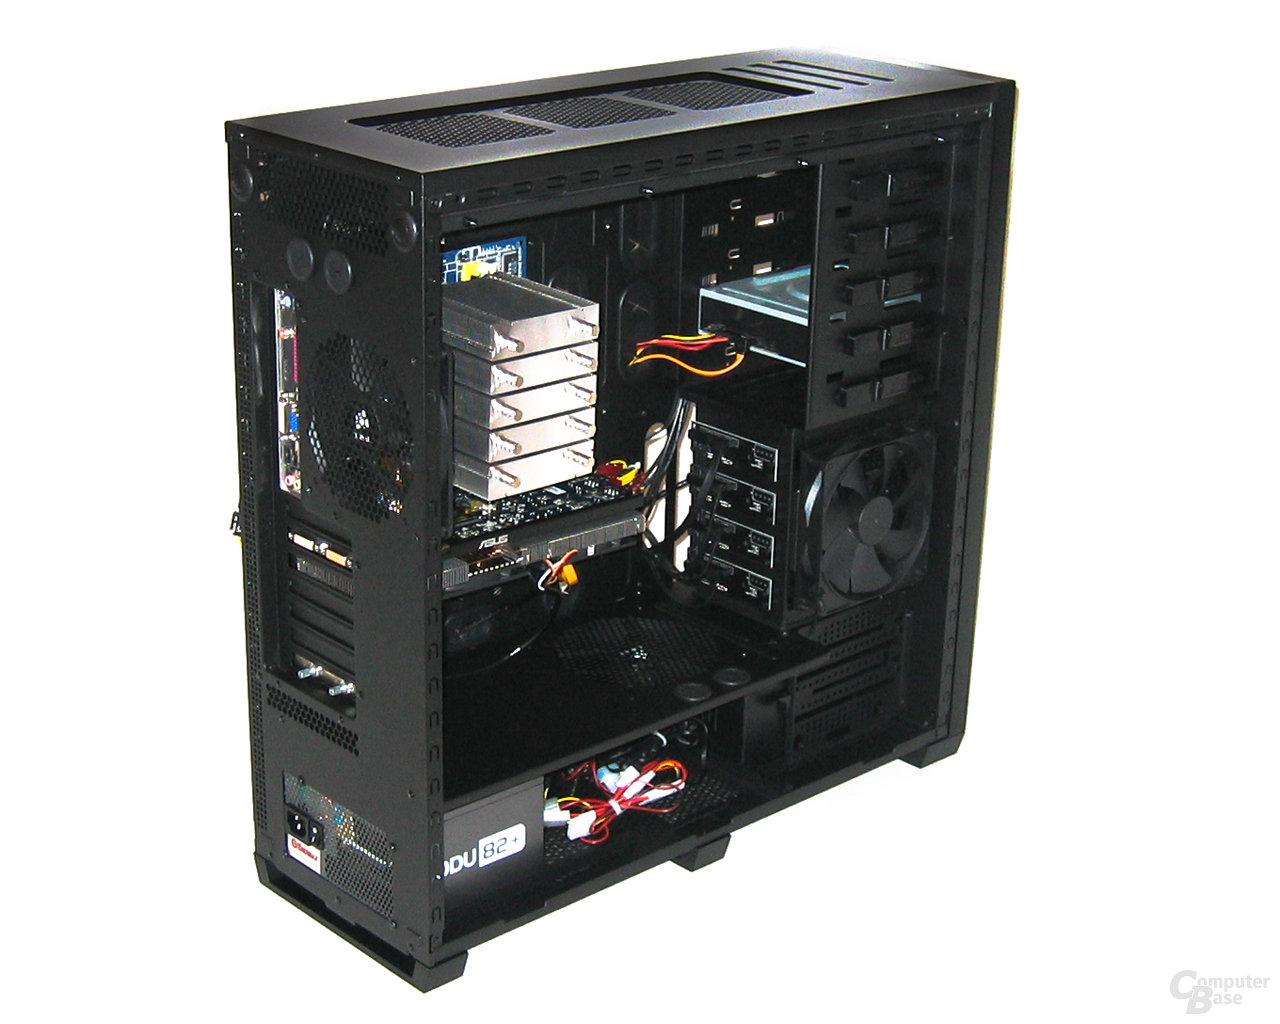 Corsair Obsidian 800D – Hardware vorn